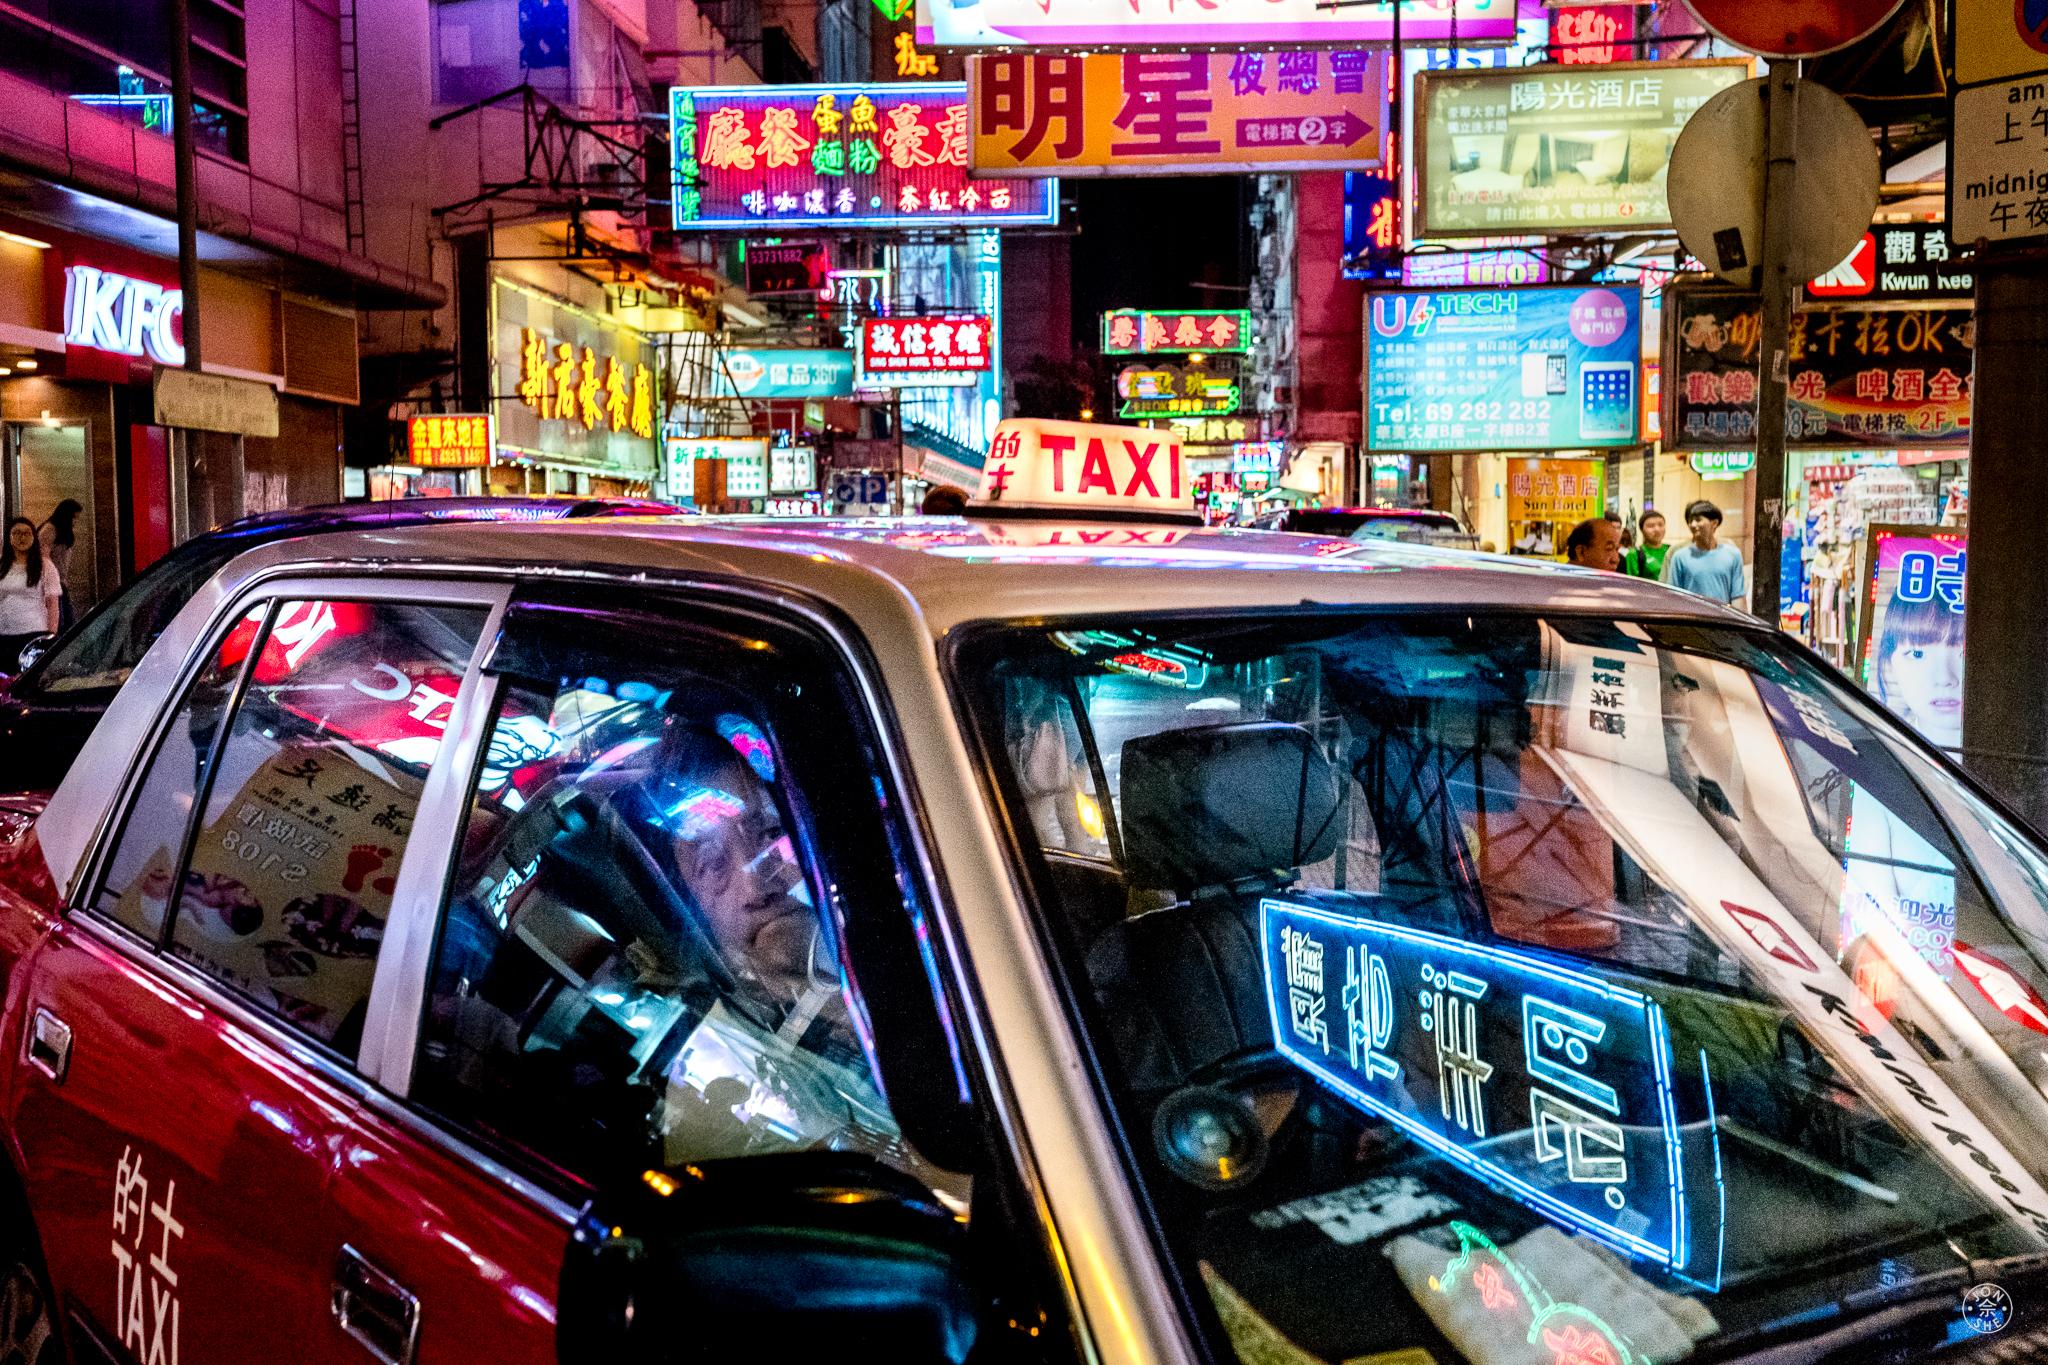 Neon Taxi